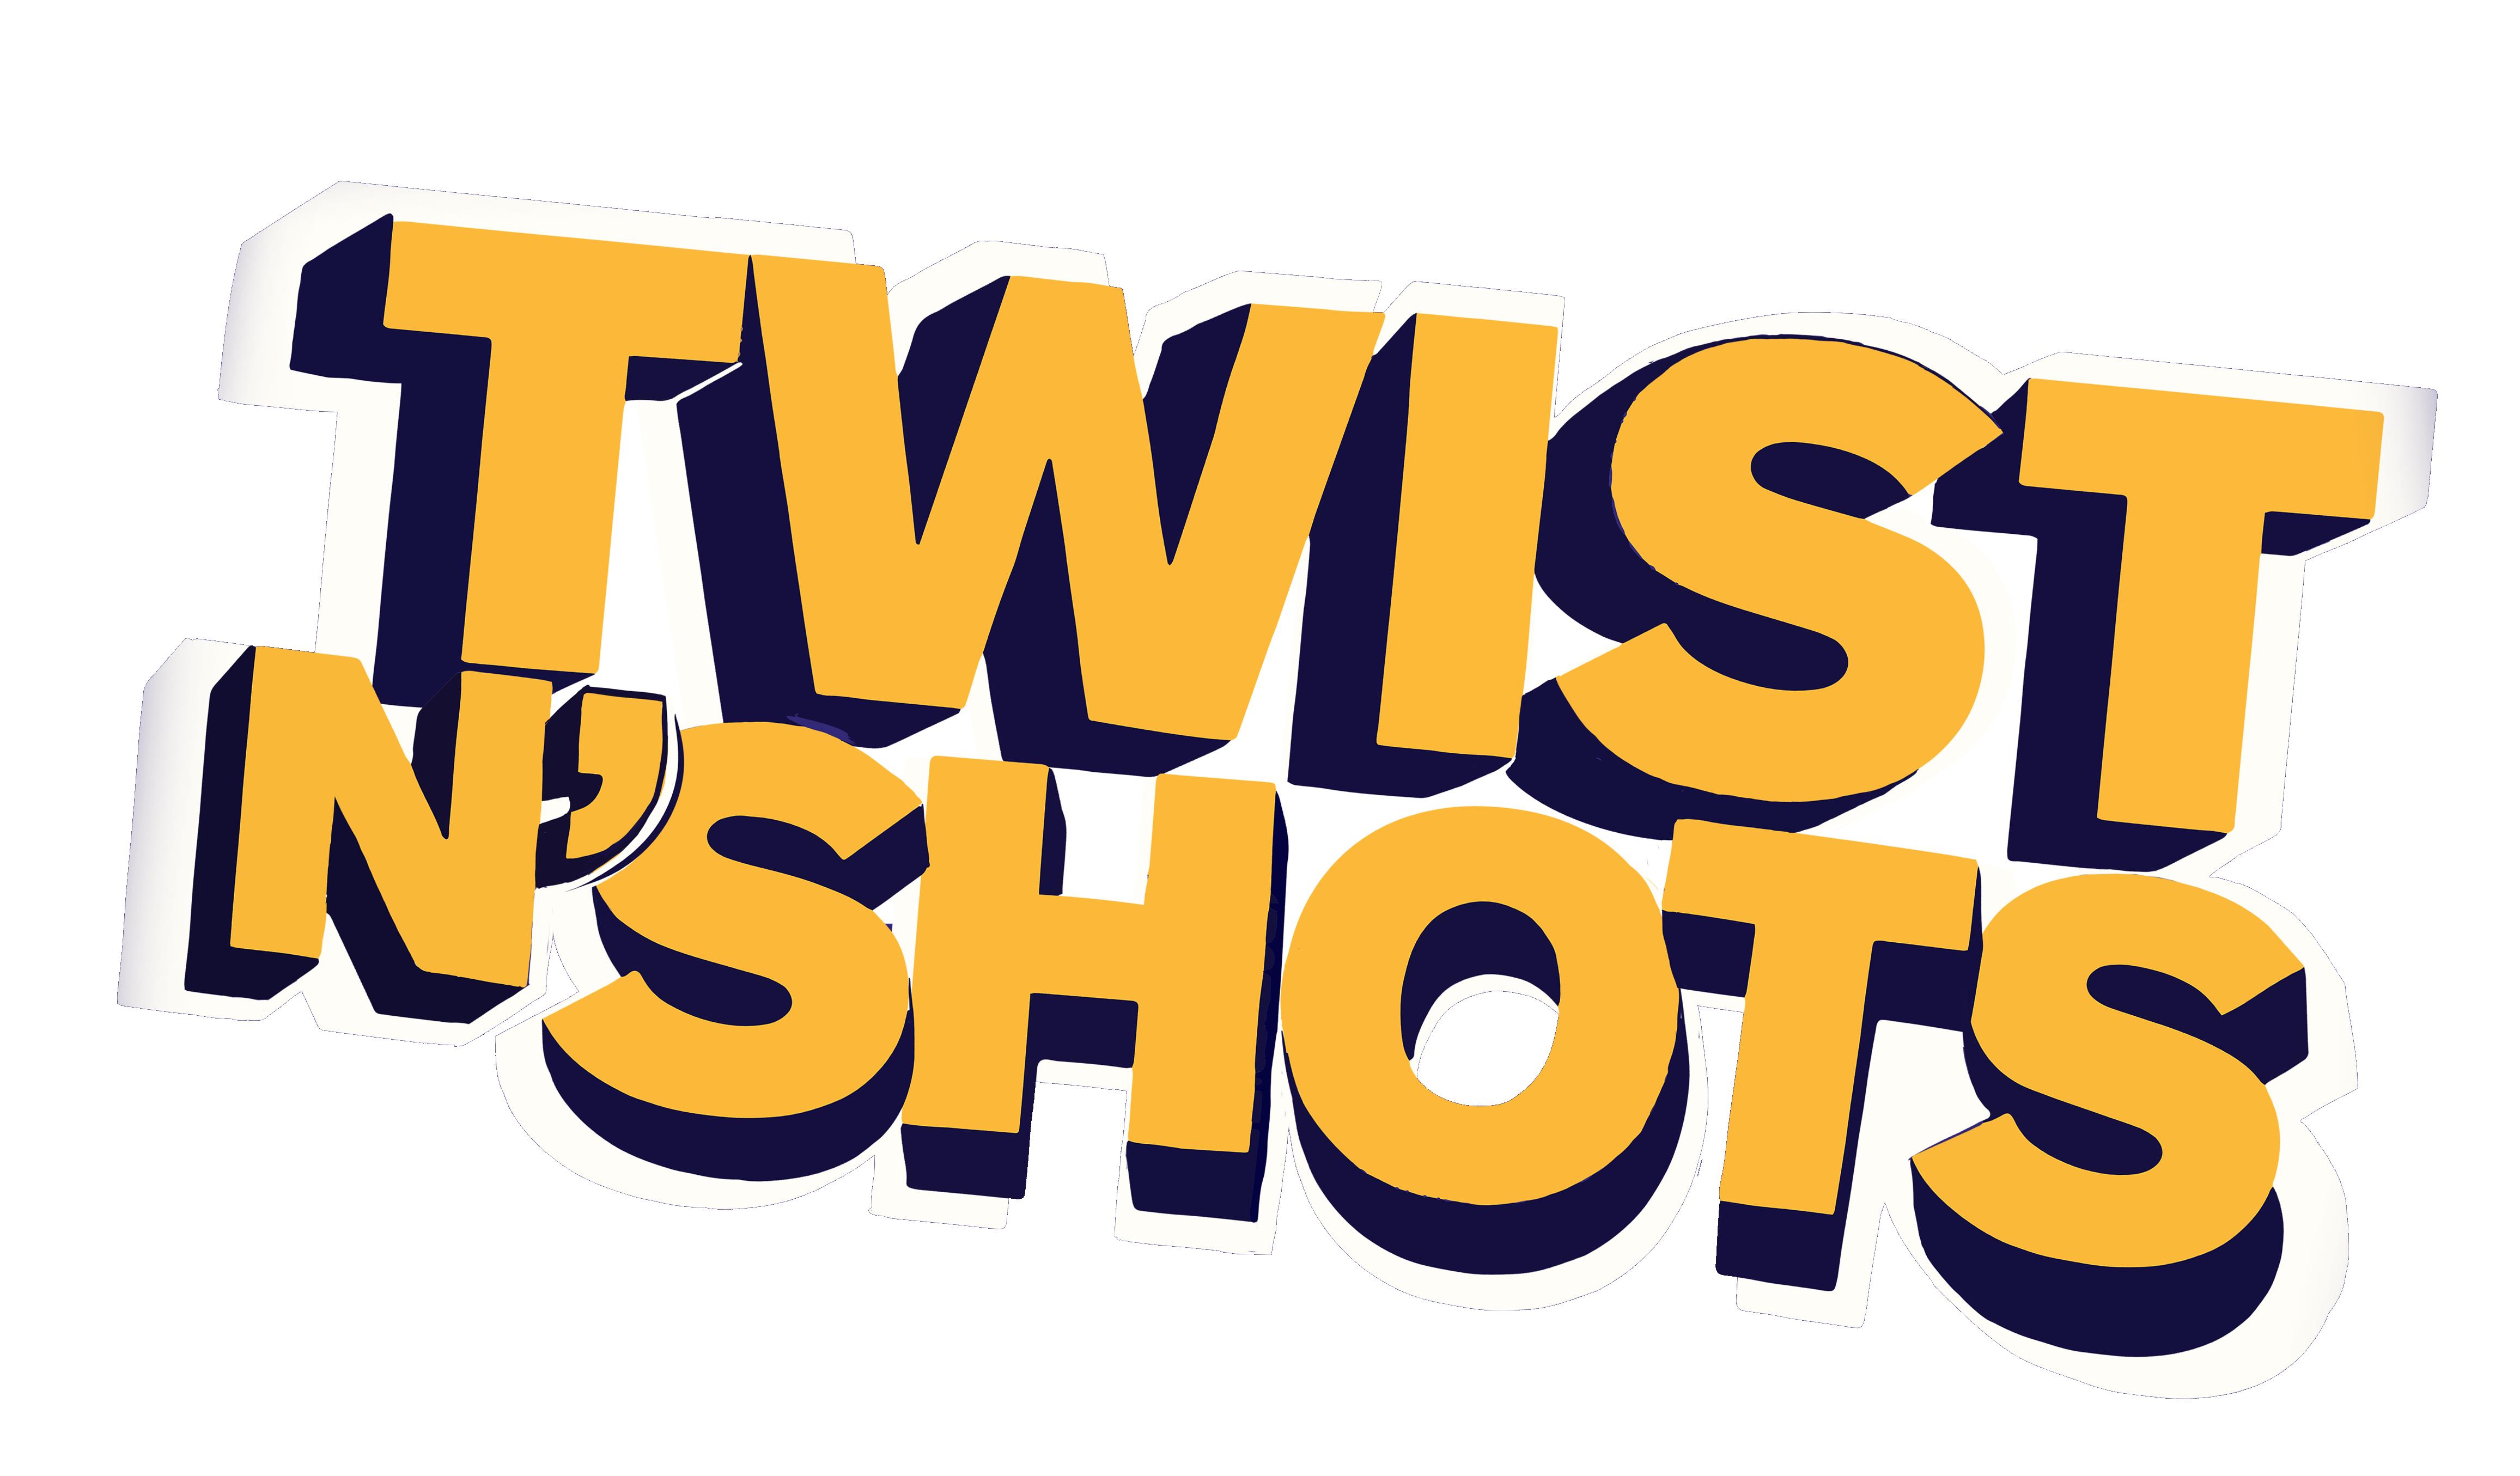 Twist and shots